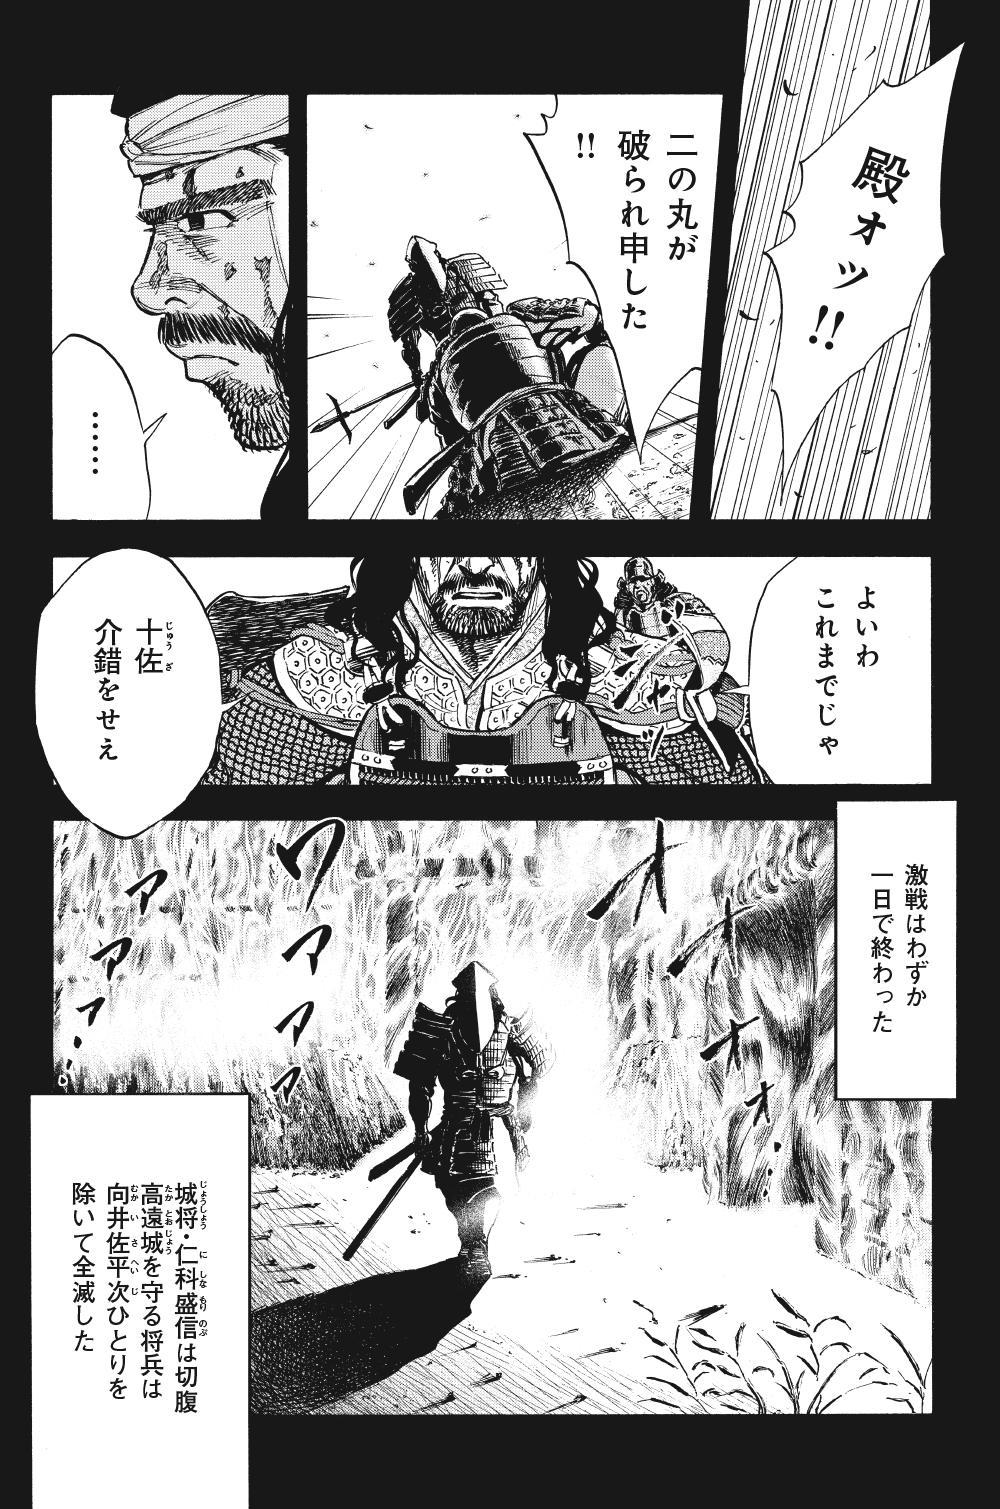 真田太平記 第2話「万死一生」sanada06-15.jpg